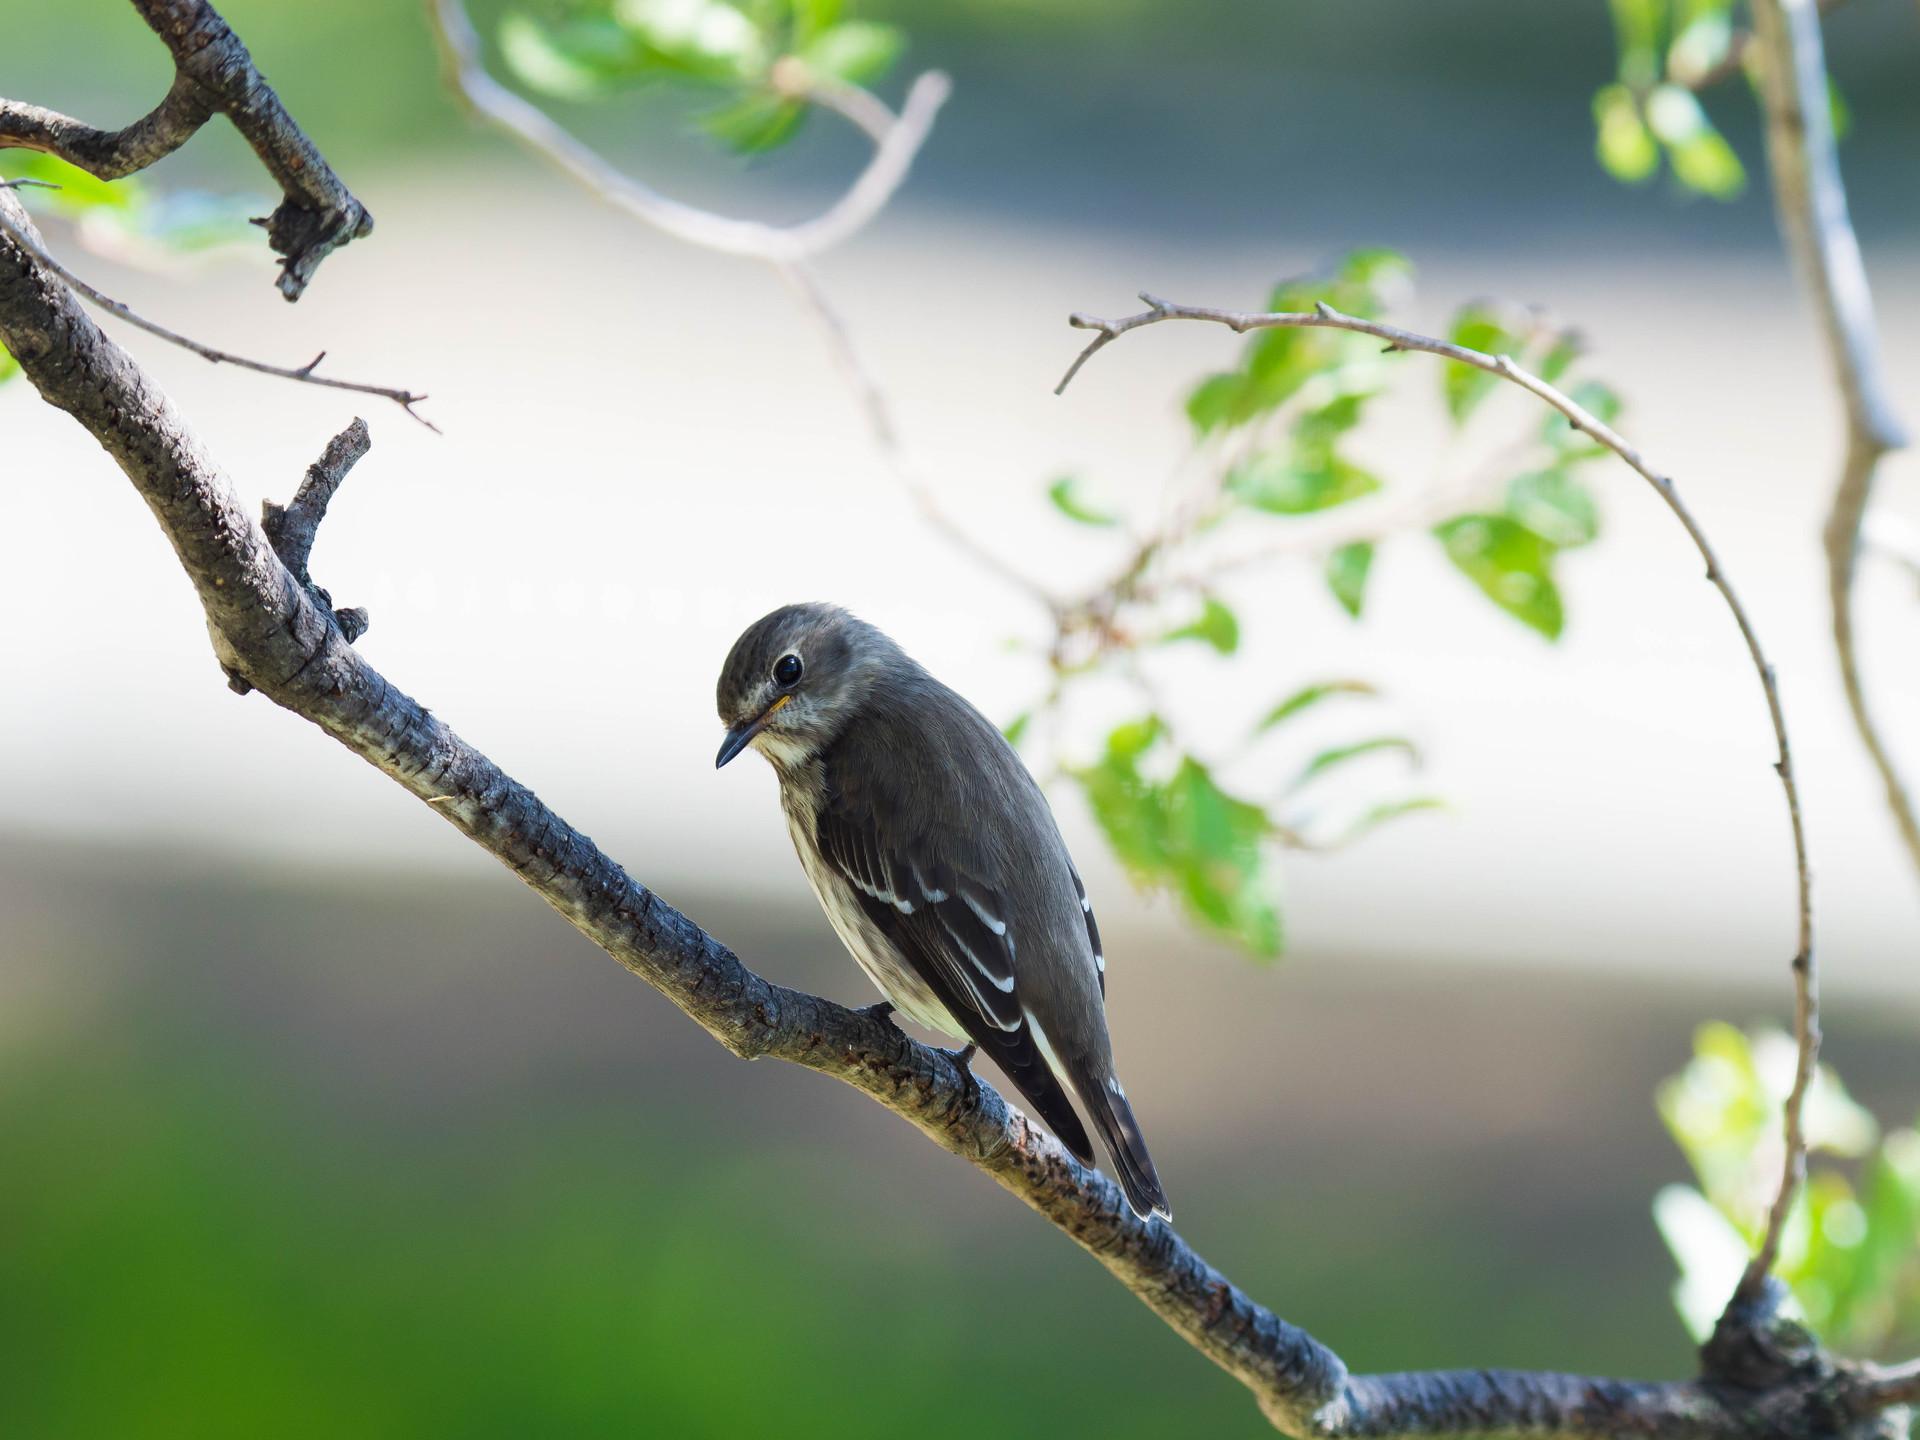 エゾビタキ : 自分で野鳥図鑑